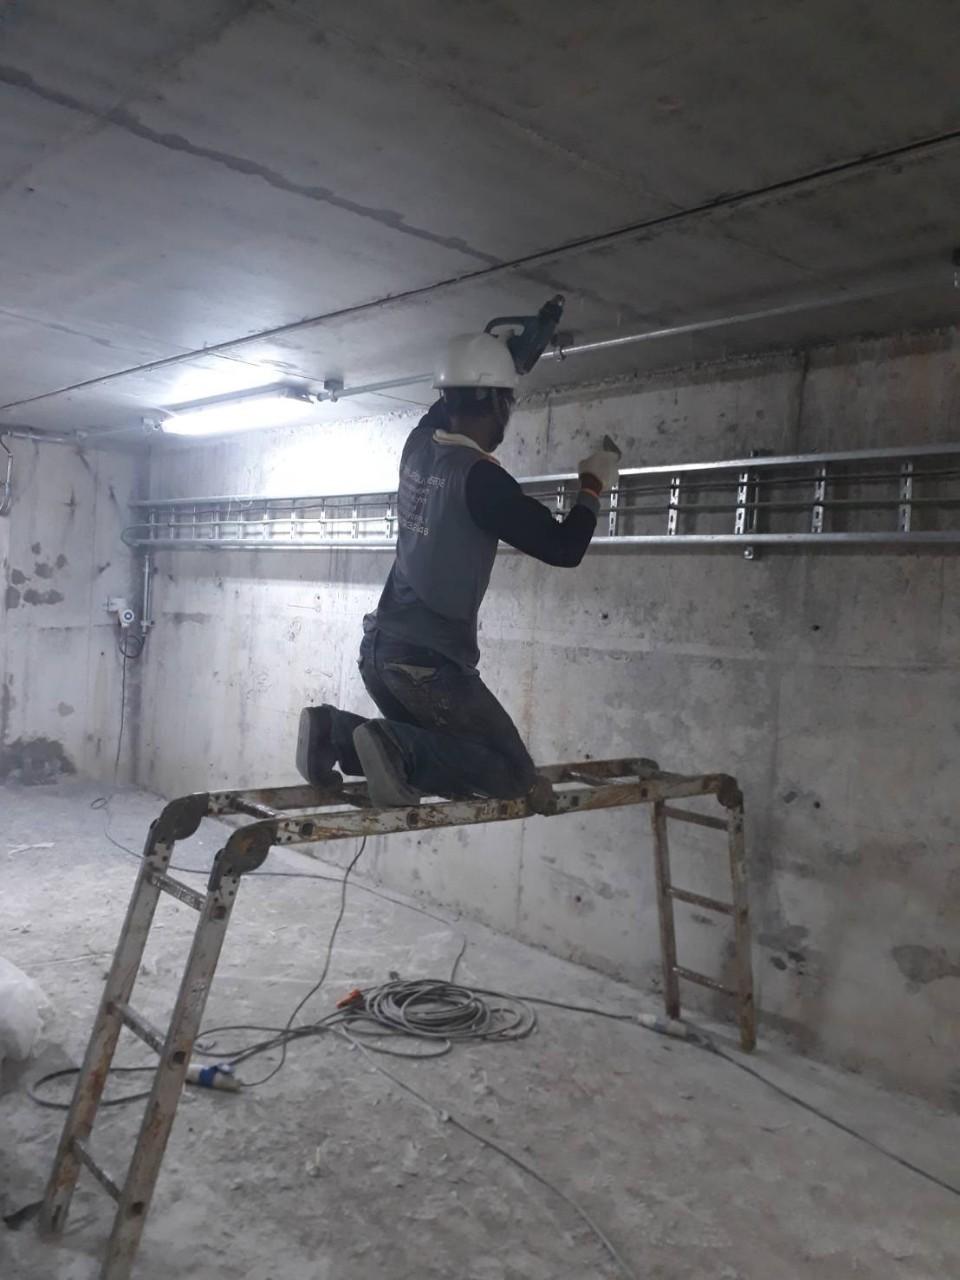 ซ่อมน้ำรั่วซึมผนังด้านล่างของผนังอาคาร